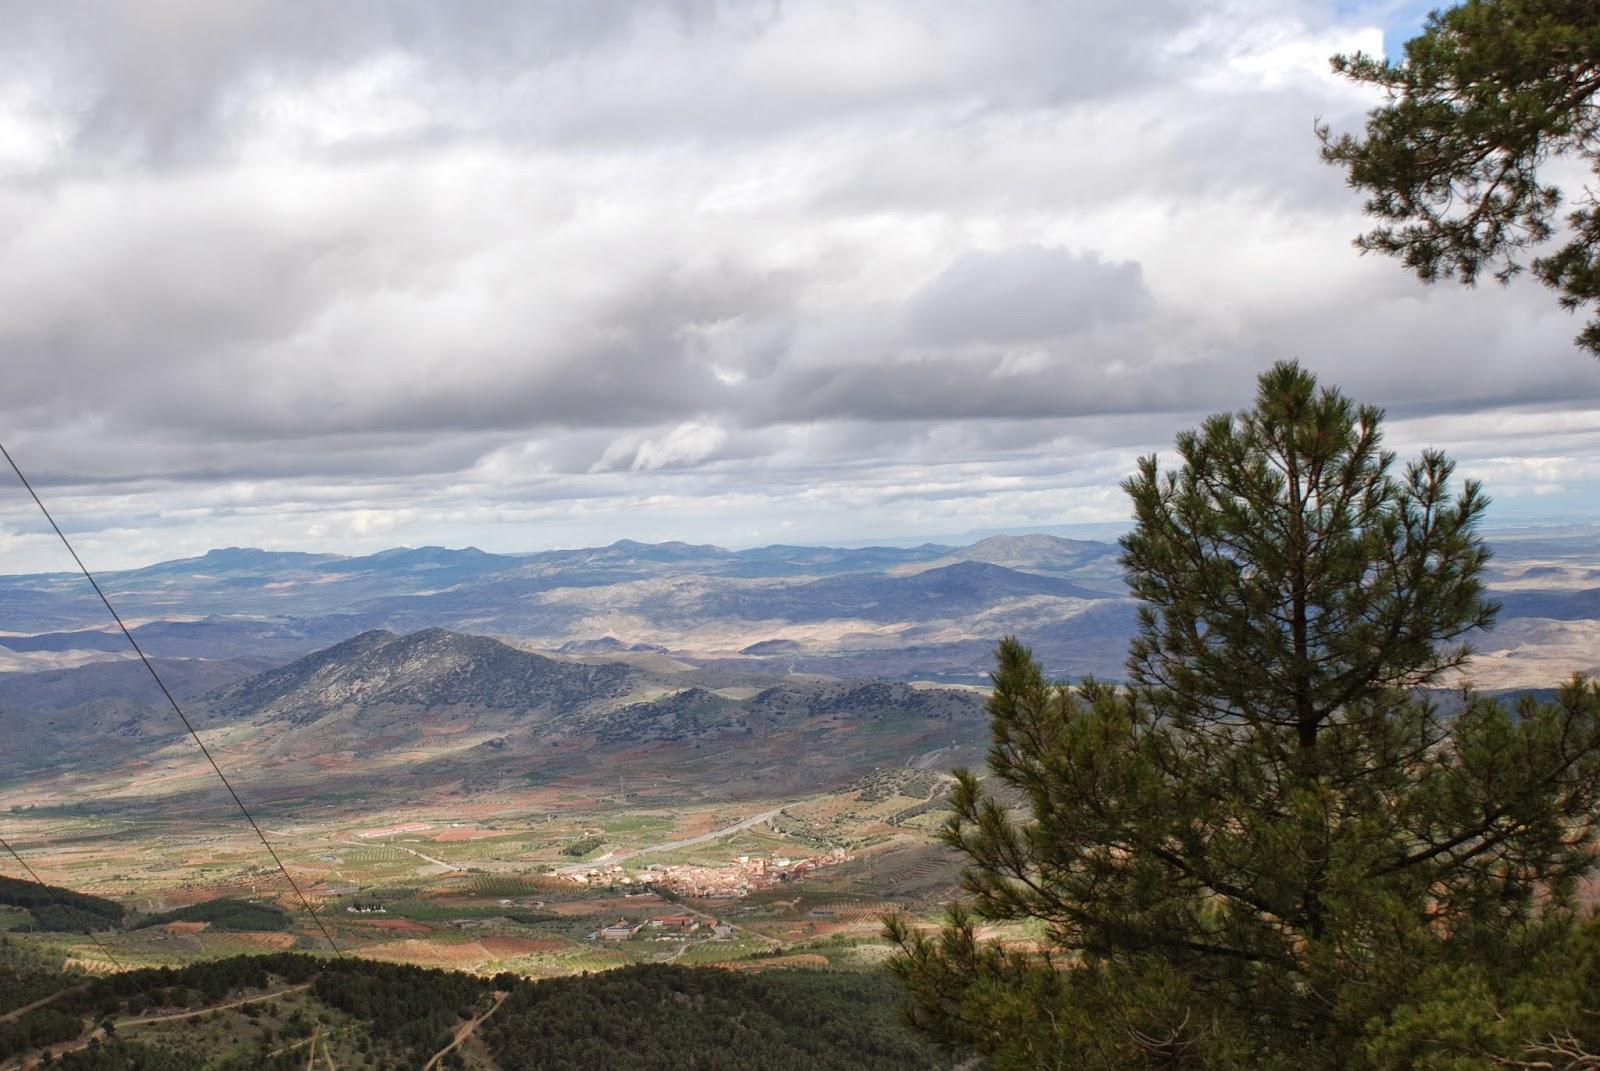 El Frasno desde la sierra de Vicor. Guía de viaje de El Frasno. Tu Maleta.